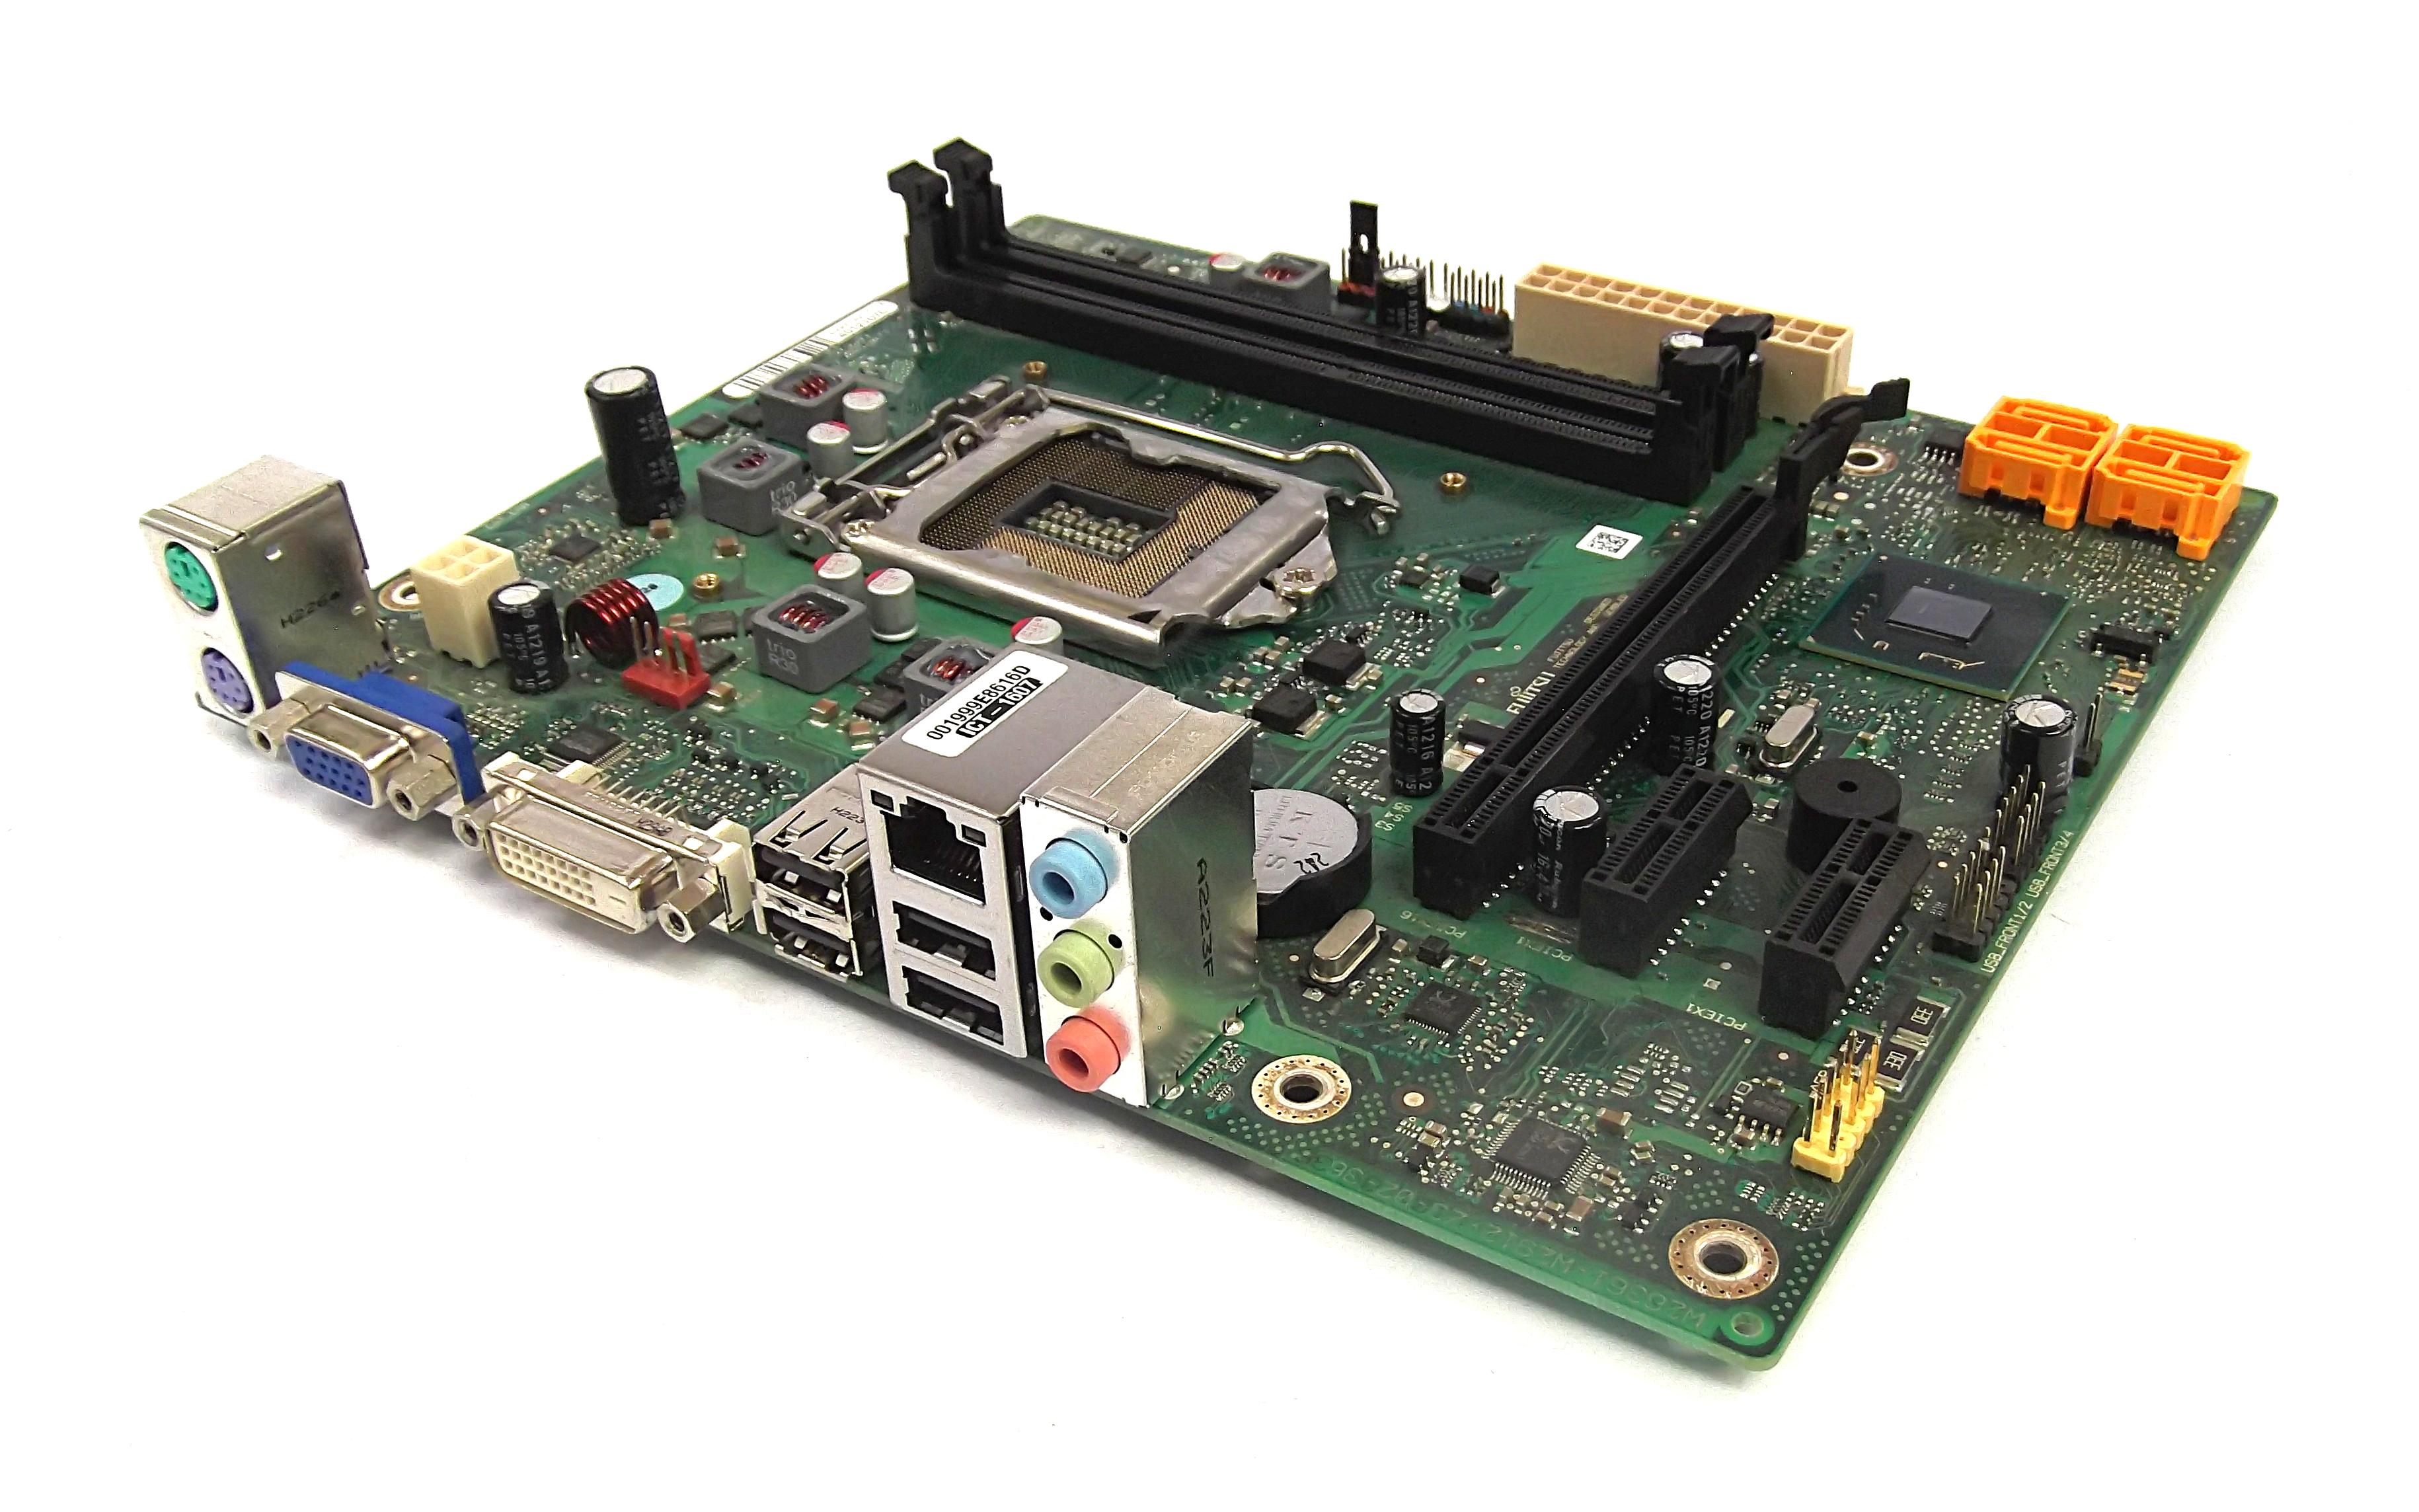 Fujitsu D2990-A21 GS 2 Esprimo E400 E85+ Socket LGA1155 Motherboard